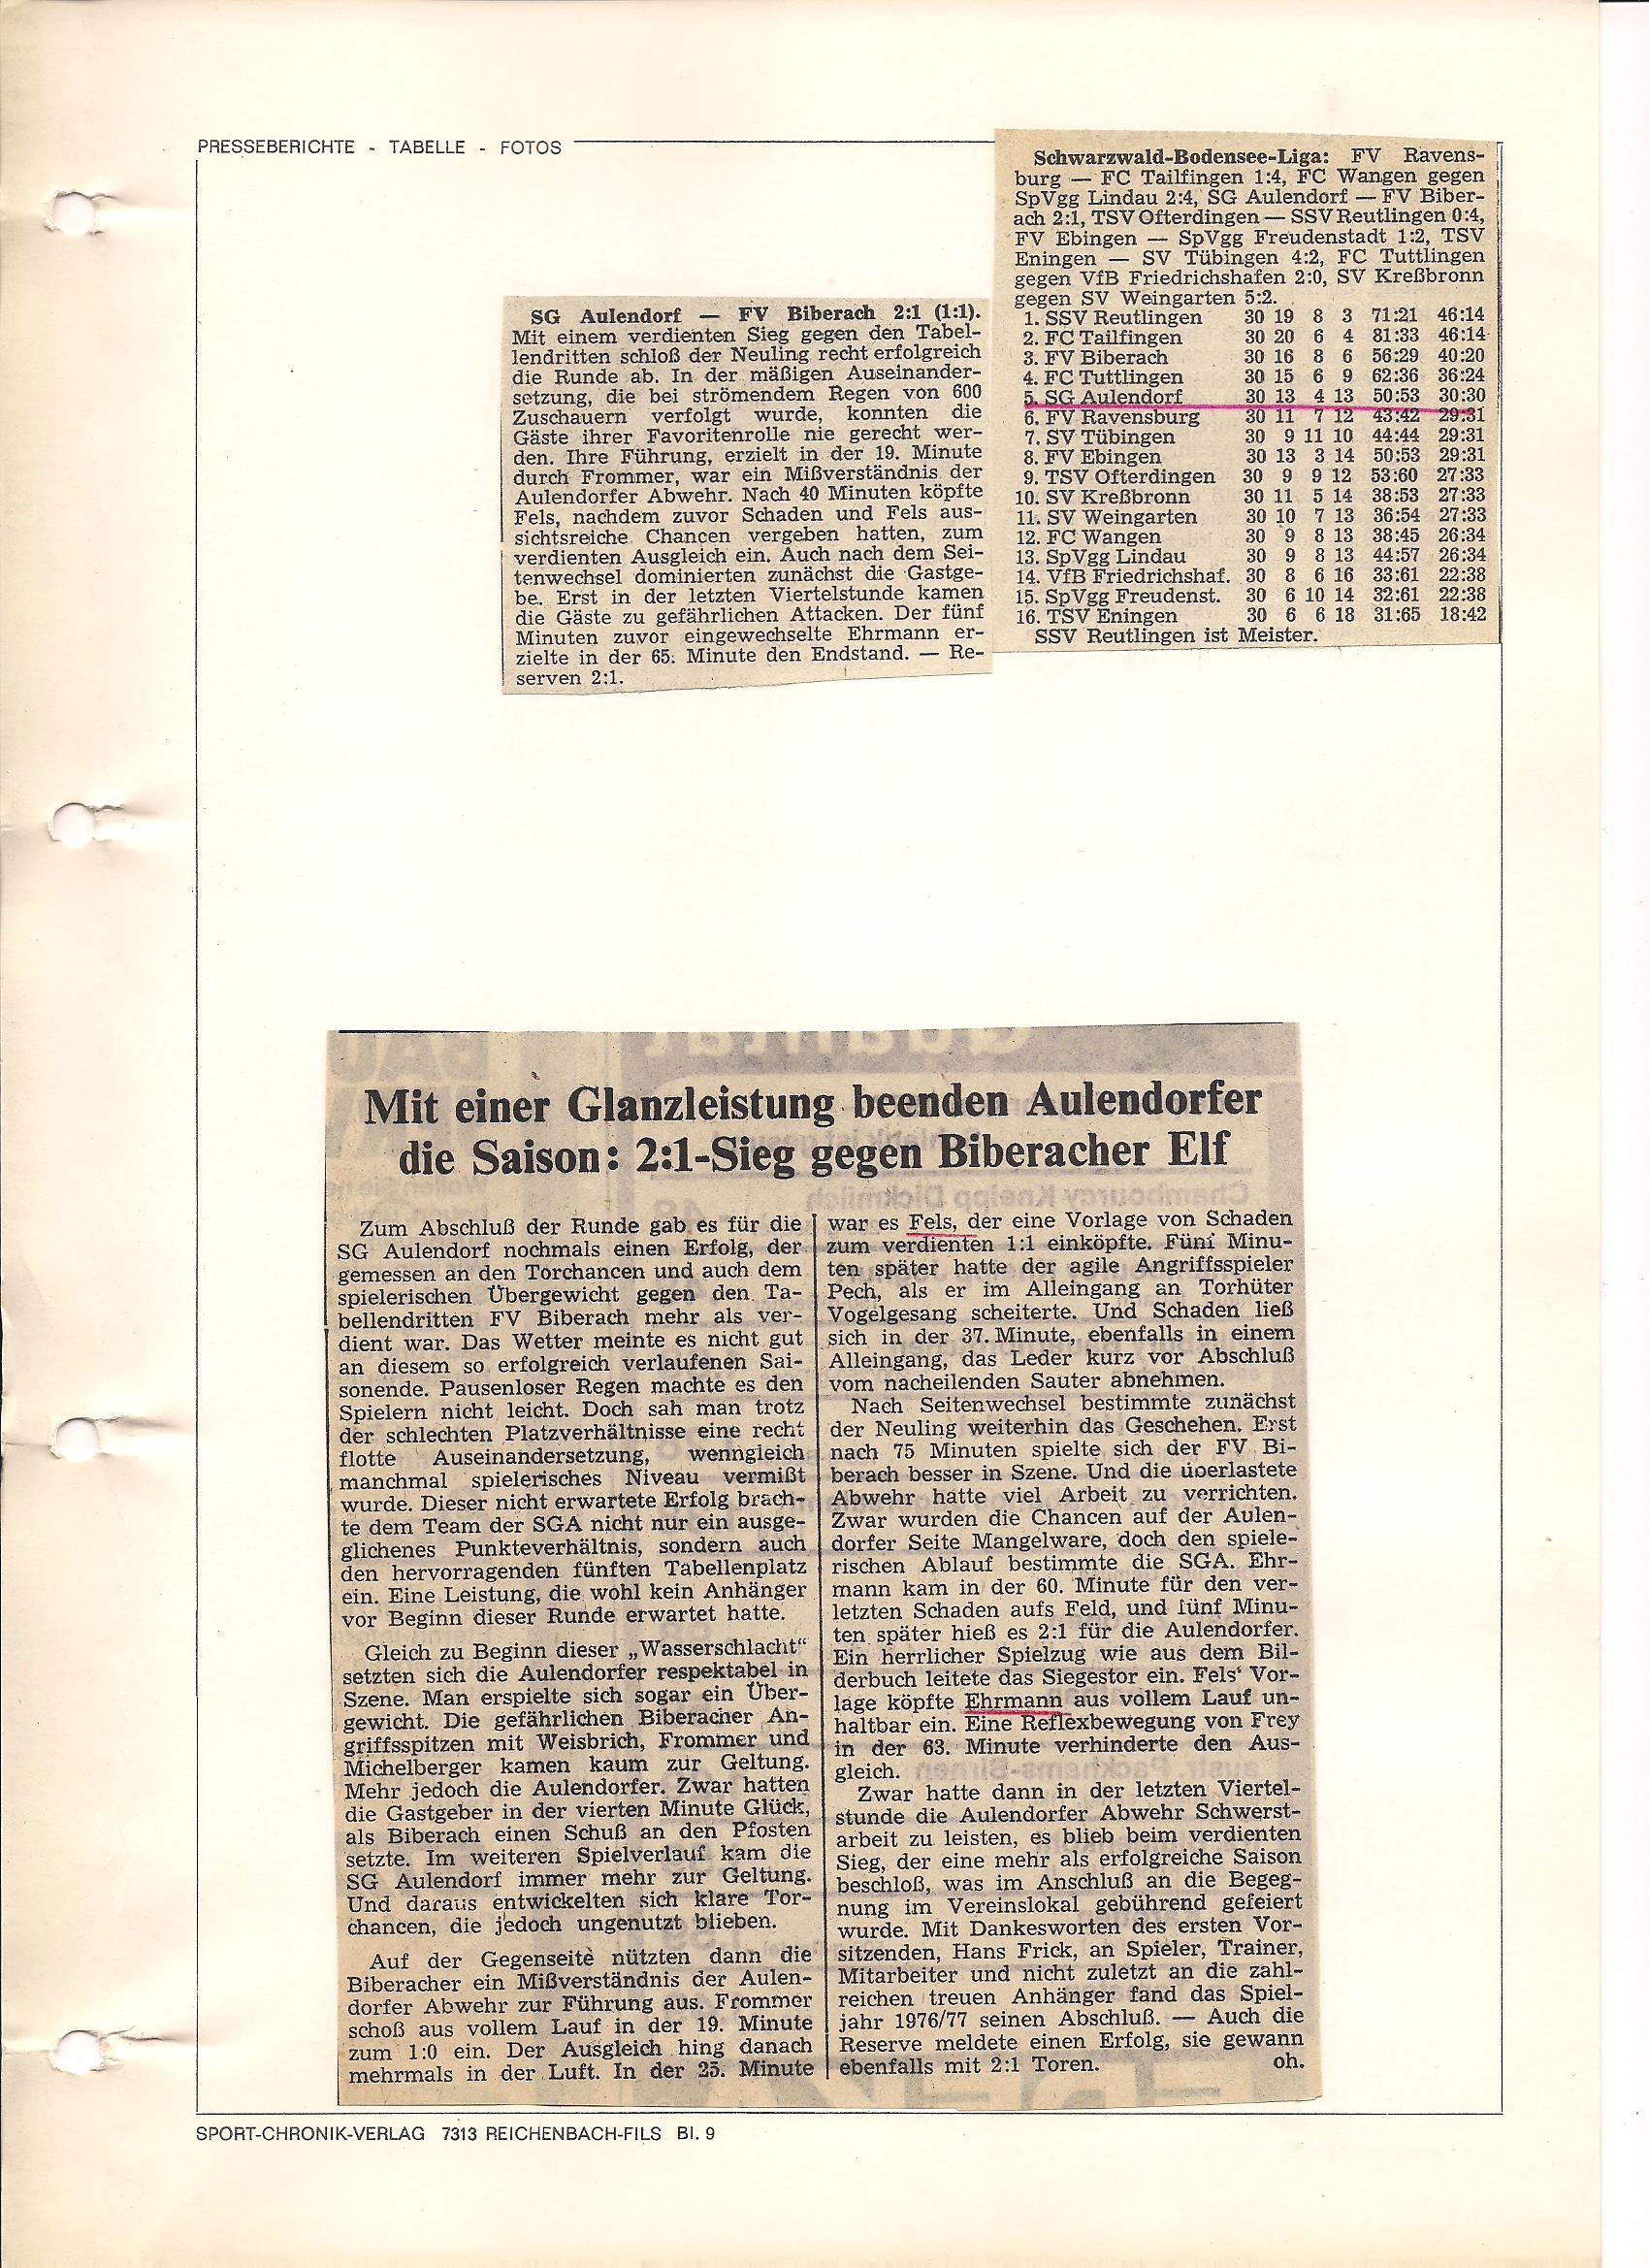 SG Aulendorf Zeitungsbericht letztes Saisonspiel Saison 1976-1977